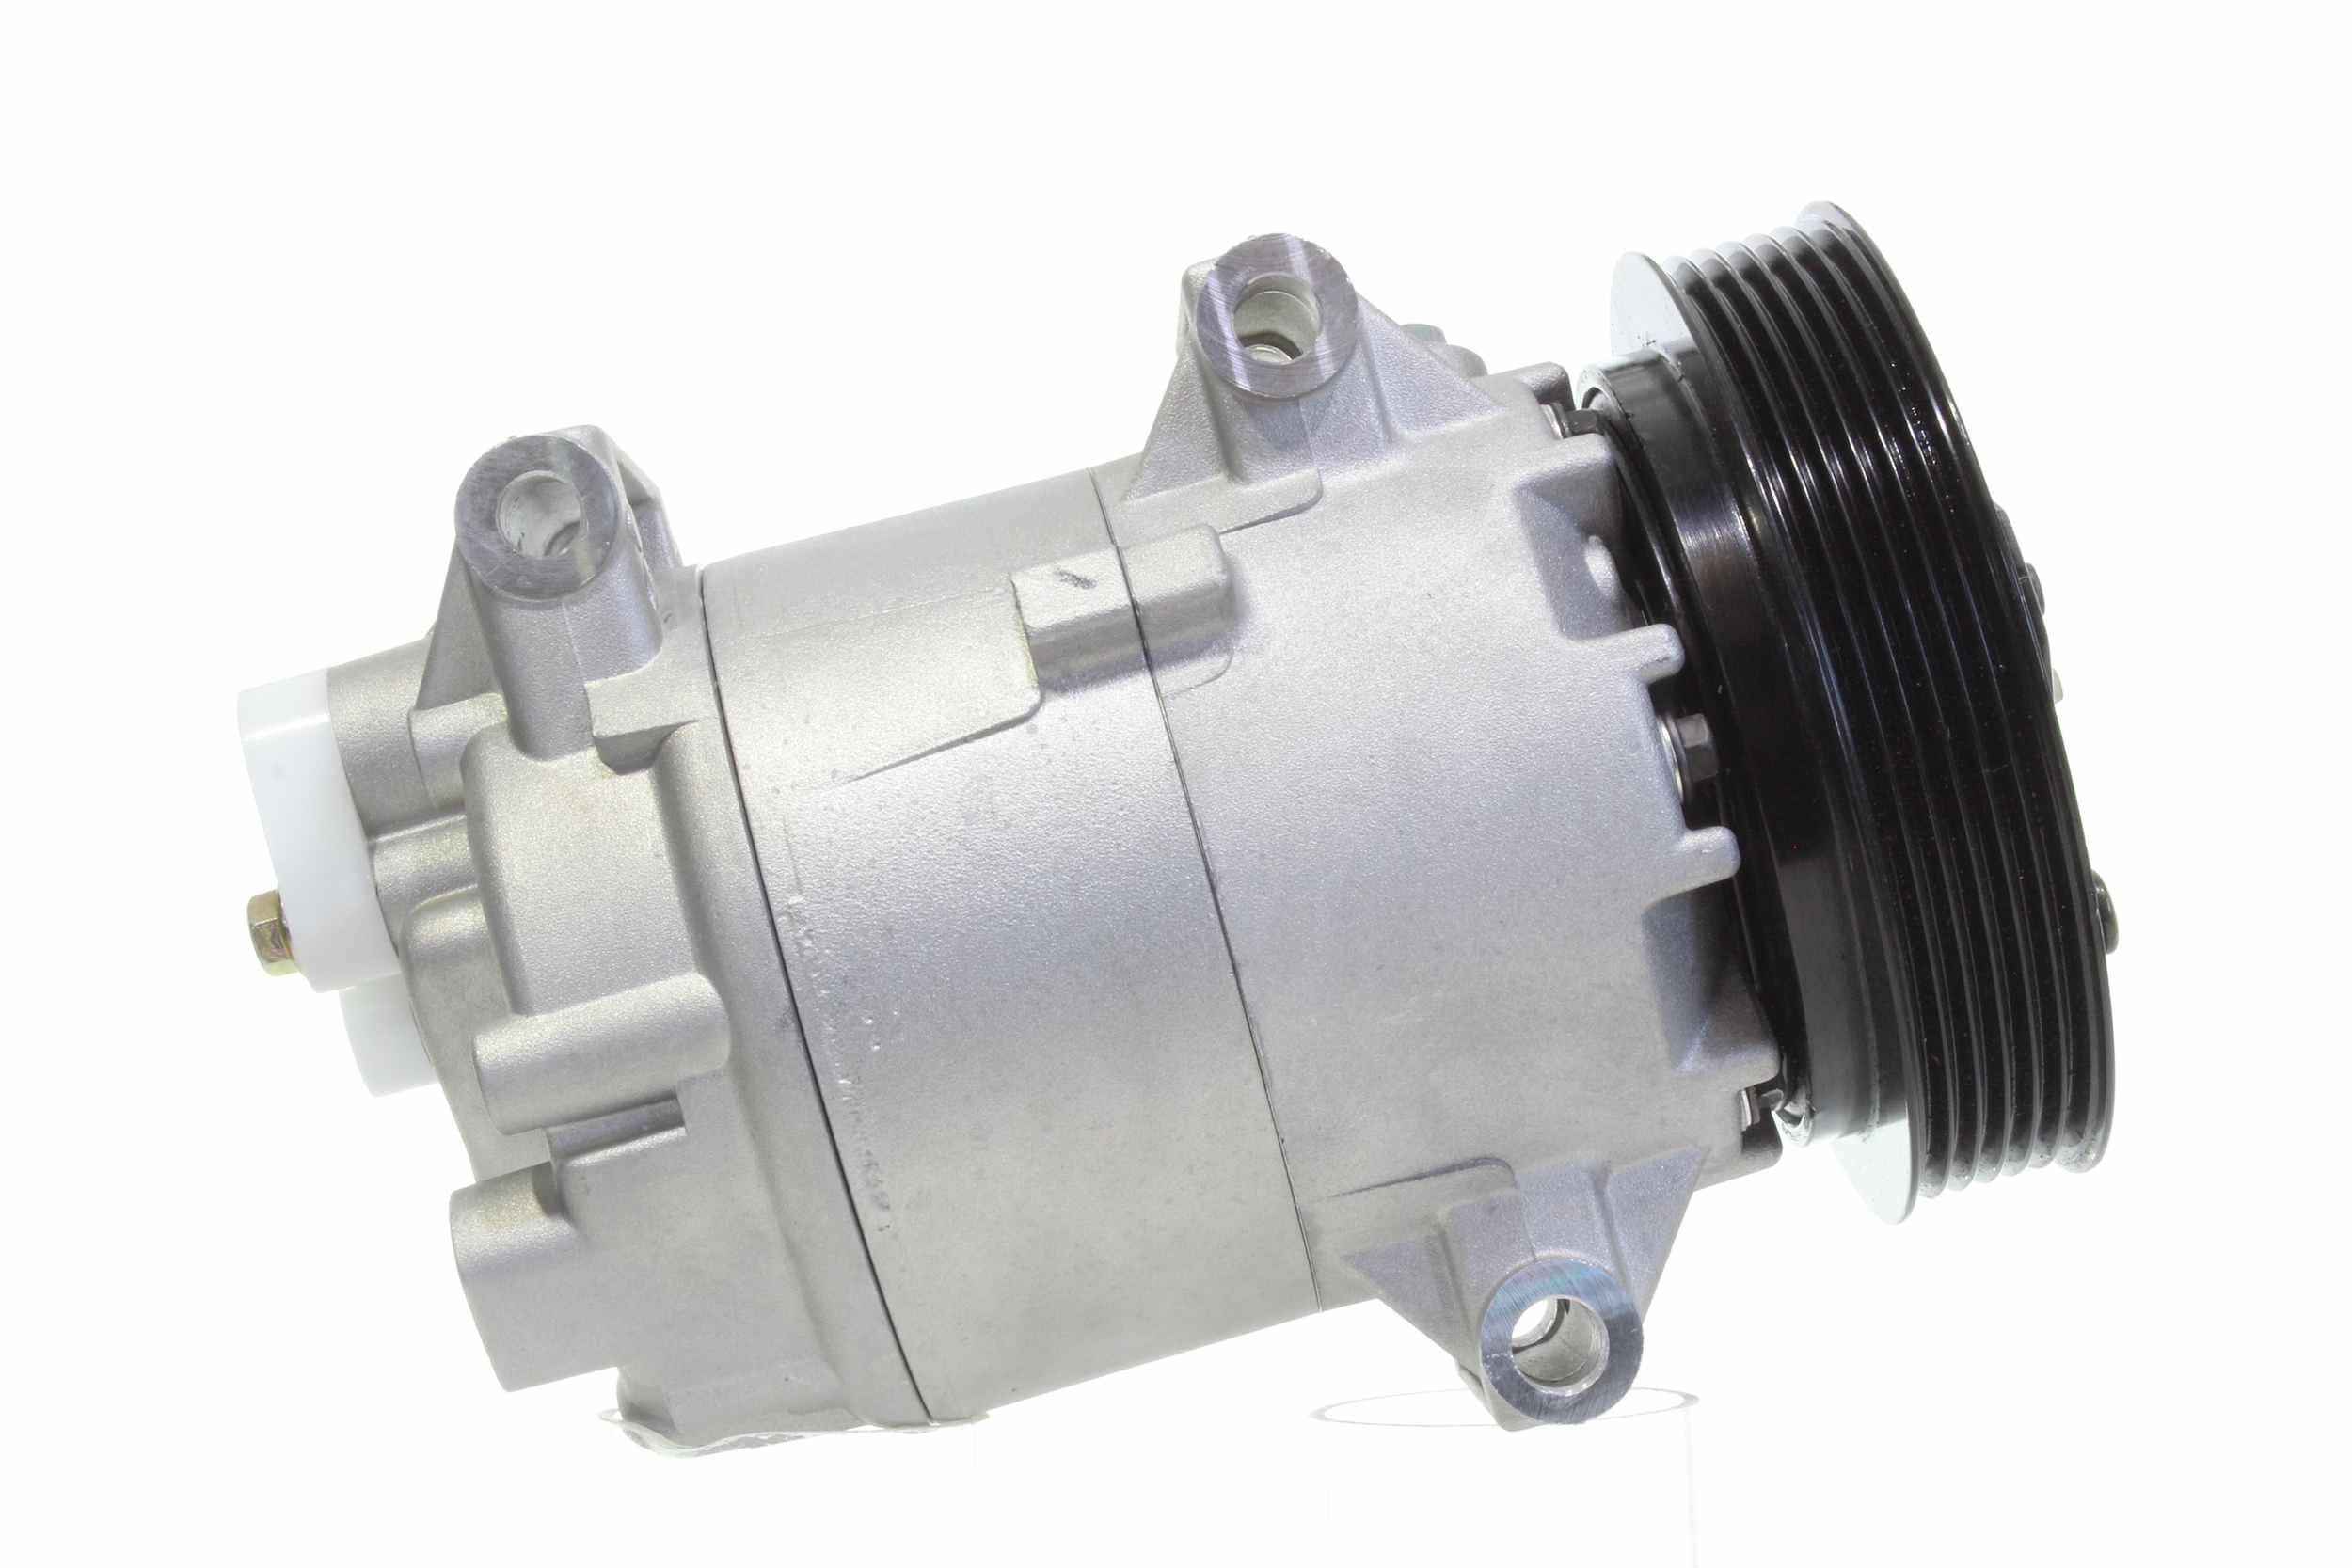 10550354 Klimaanlage Kompressor ALANKO Erfahrung